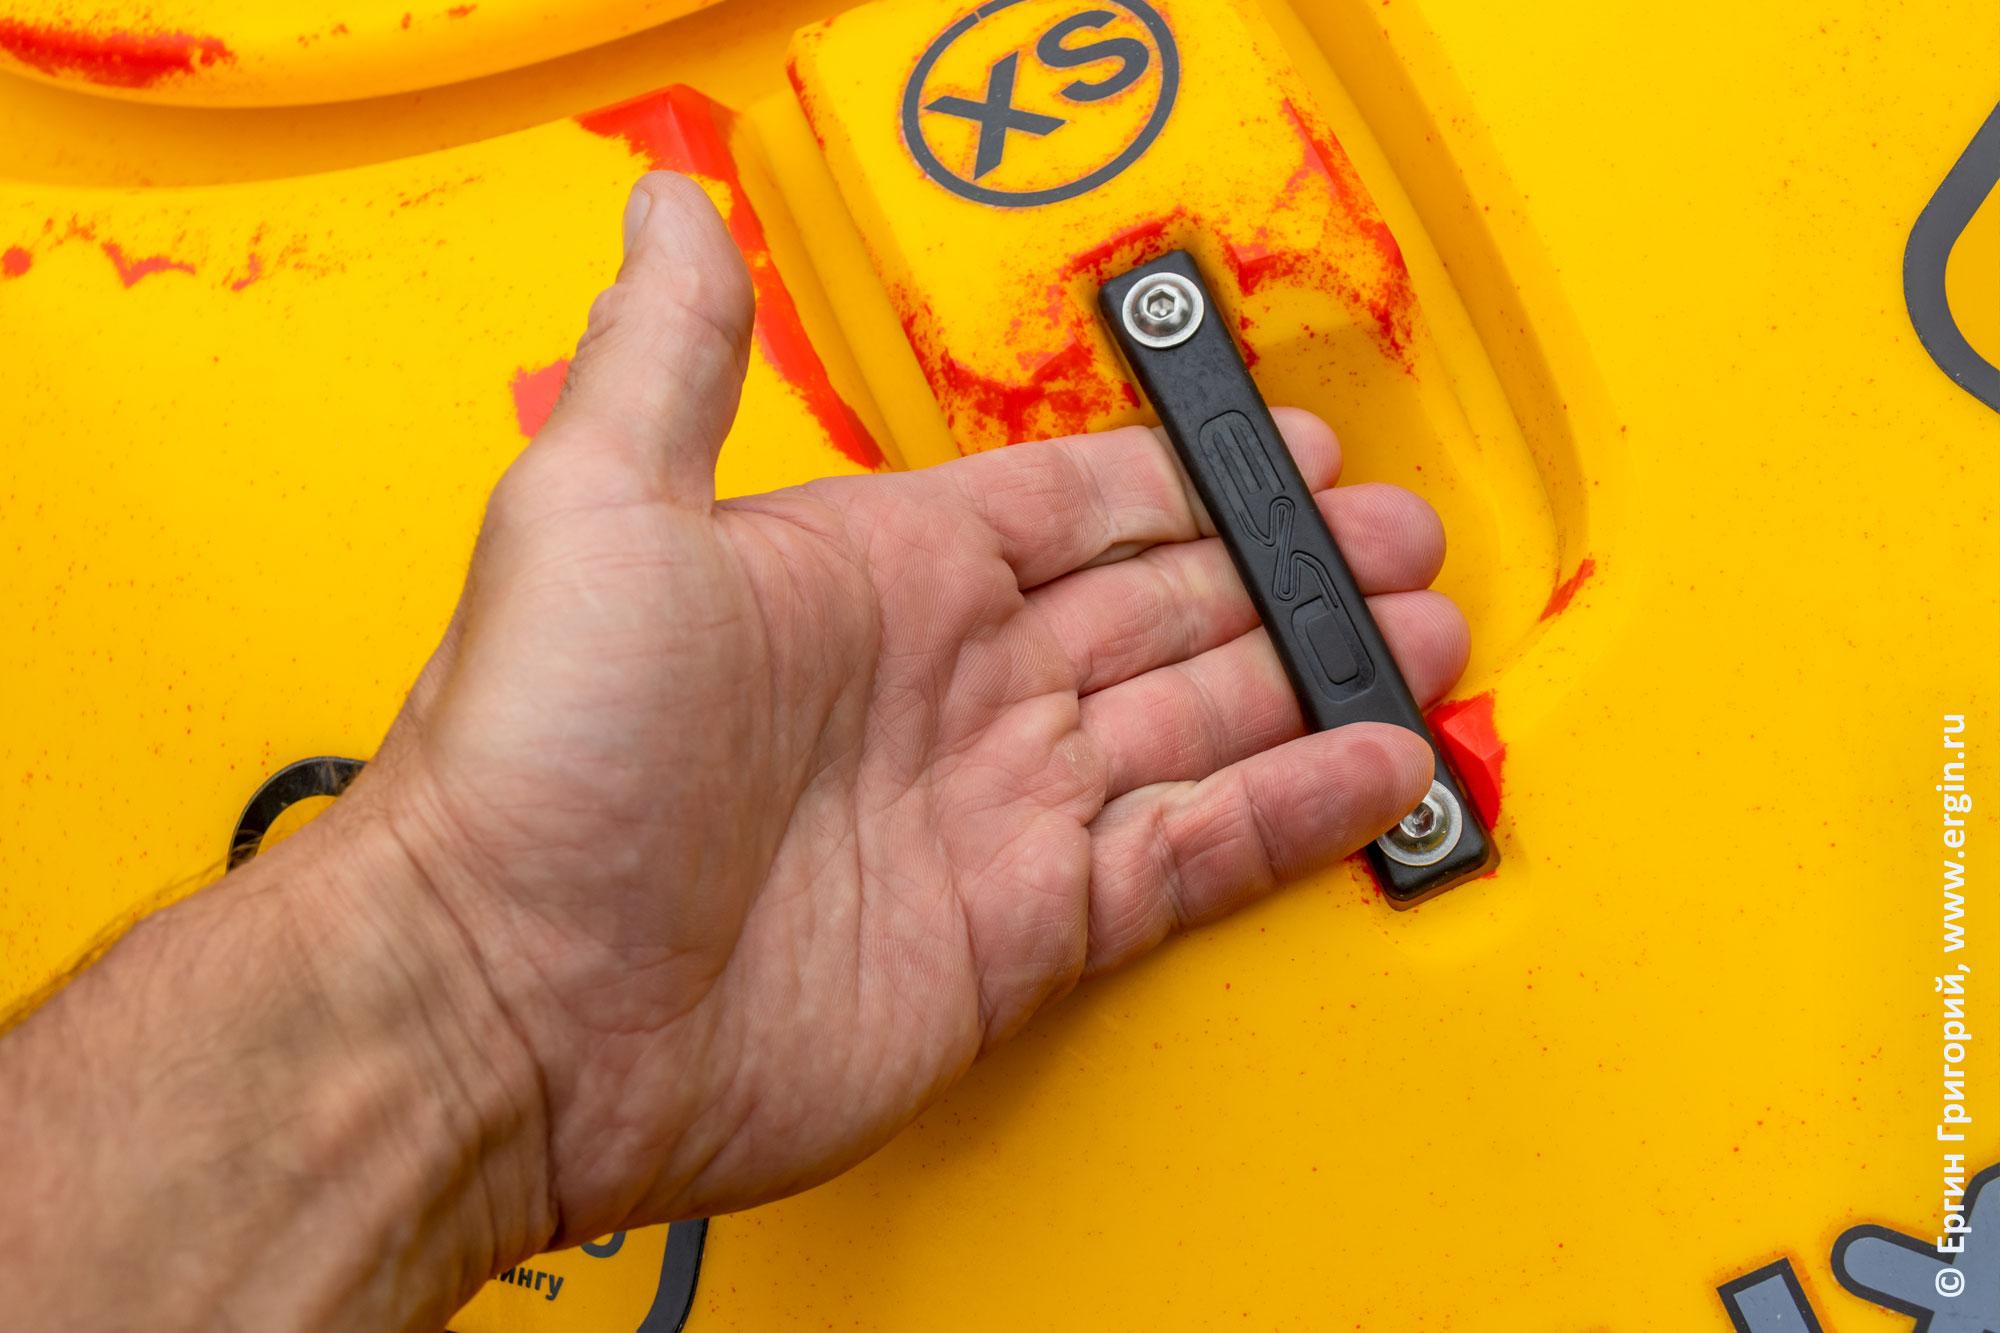 Ручка на корме EXO Guigui-prod Helixir XS  - кисть не входит до основания большого пальца